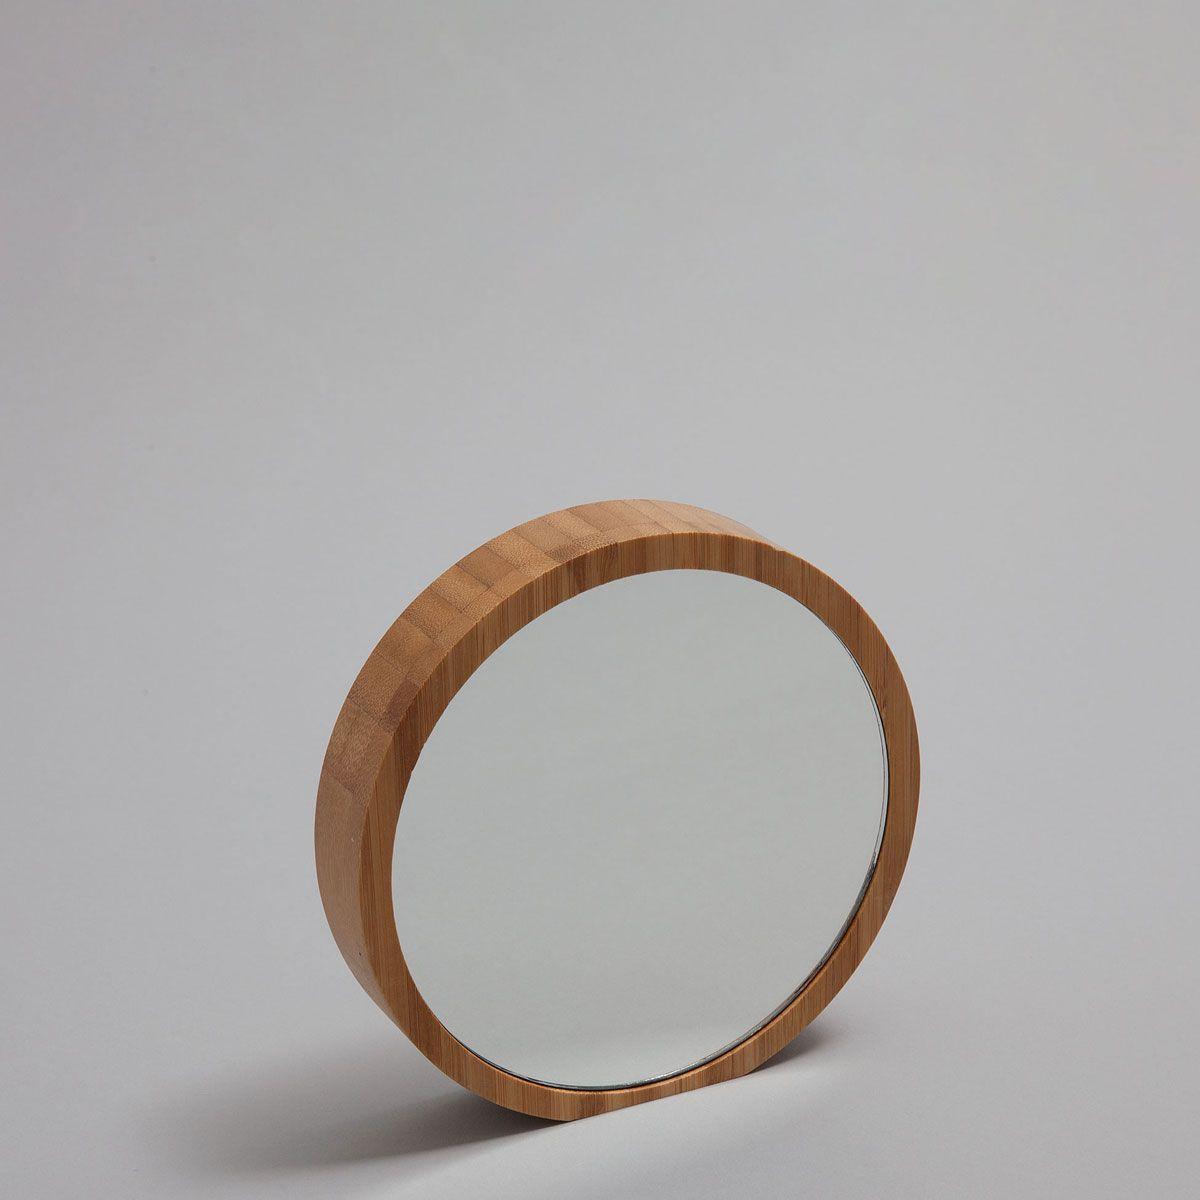 Bild 1 des Produktes Runder Spiegel mit Bambusrahmen   BATH ...